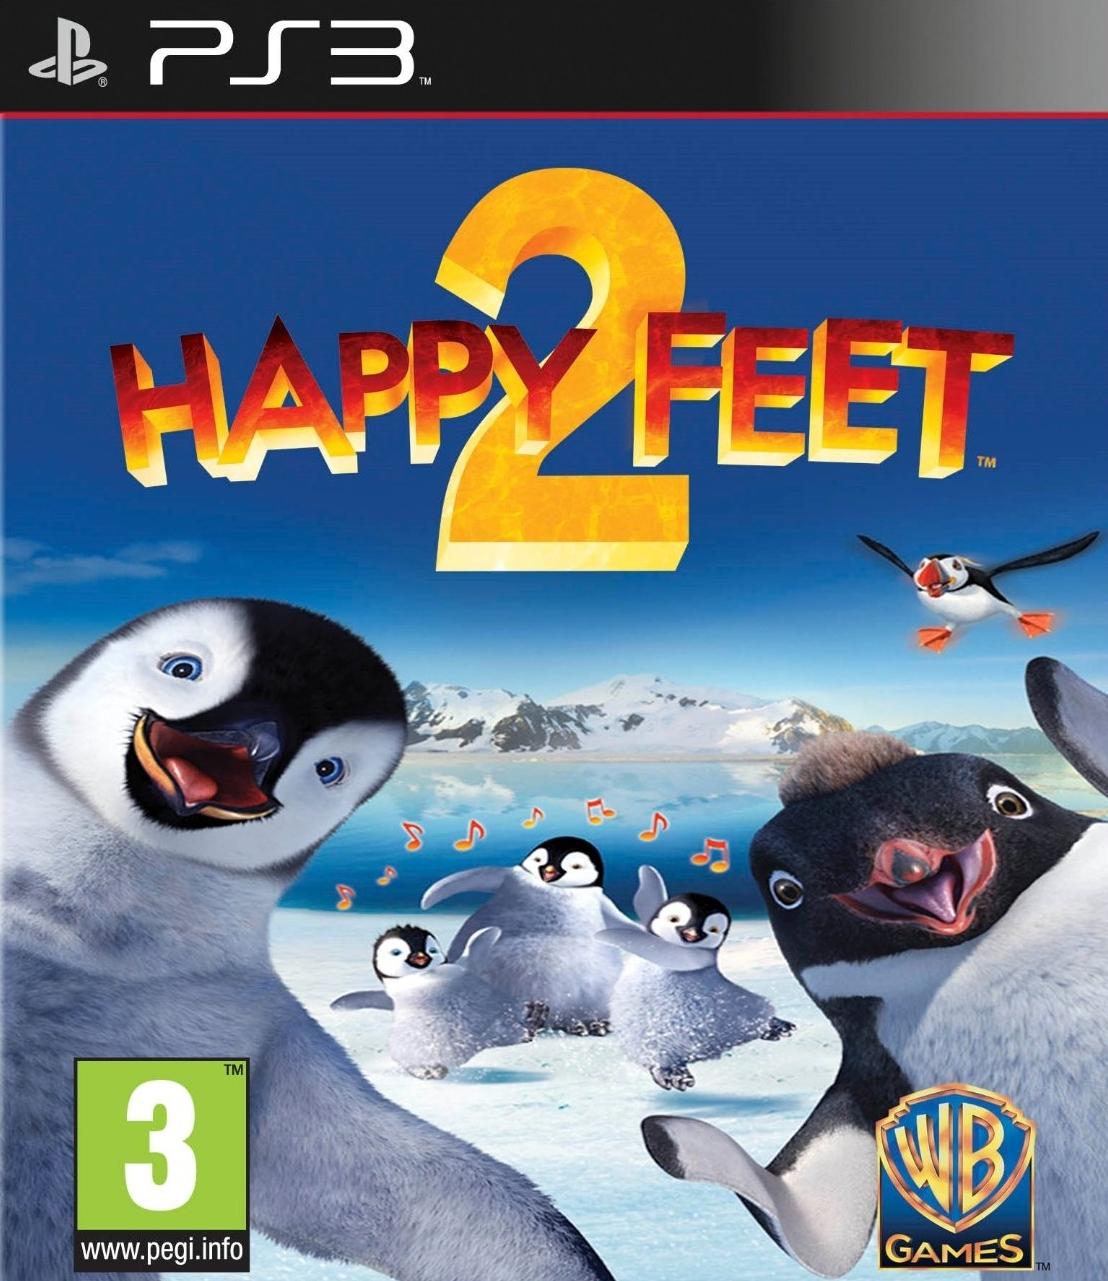 HappyFeet2 PS3 Jaquette 001